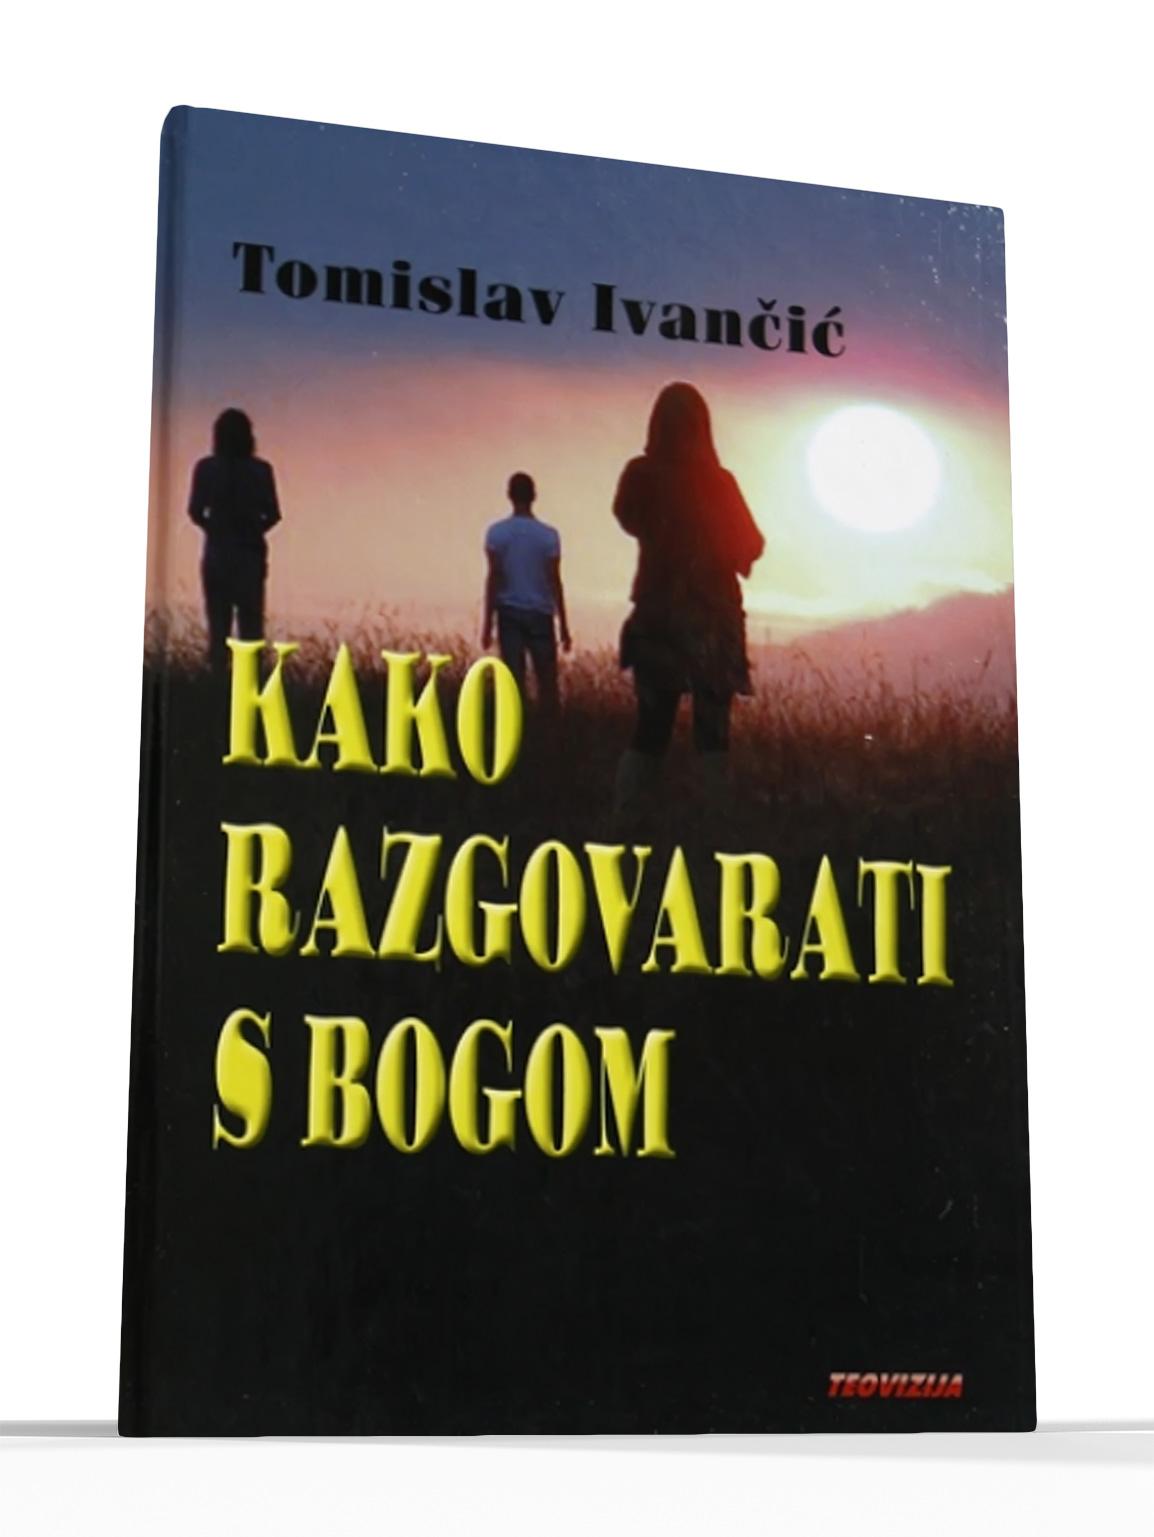 KAKO RAZGOVARATI S BOGOM - Tomislav Ivančić